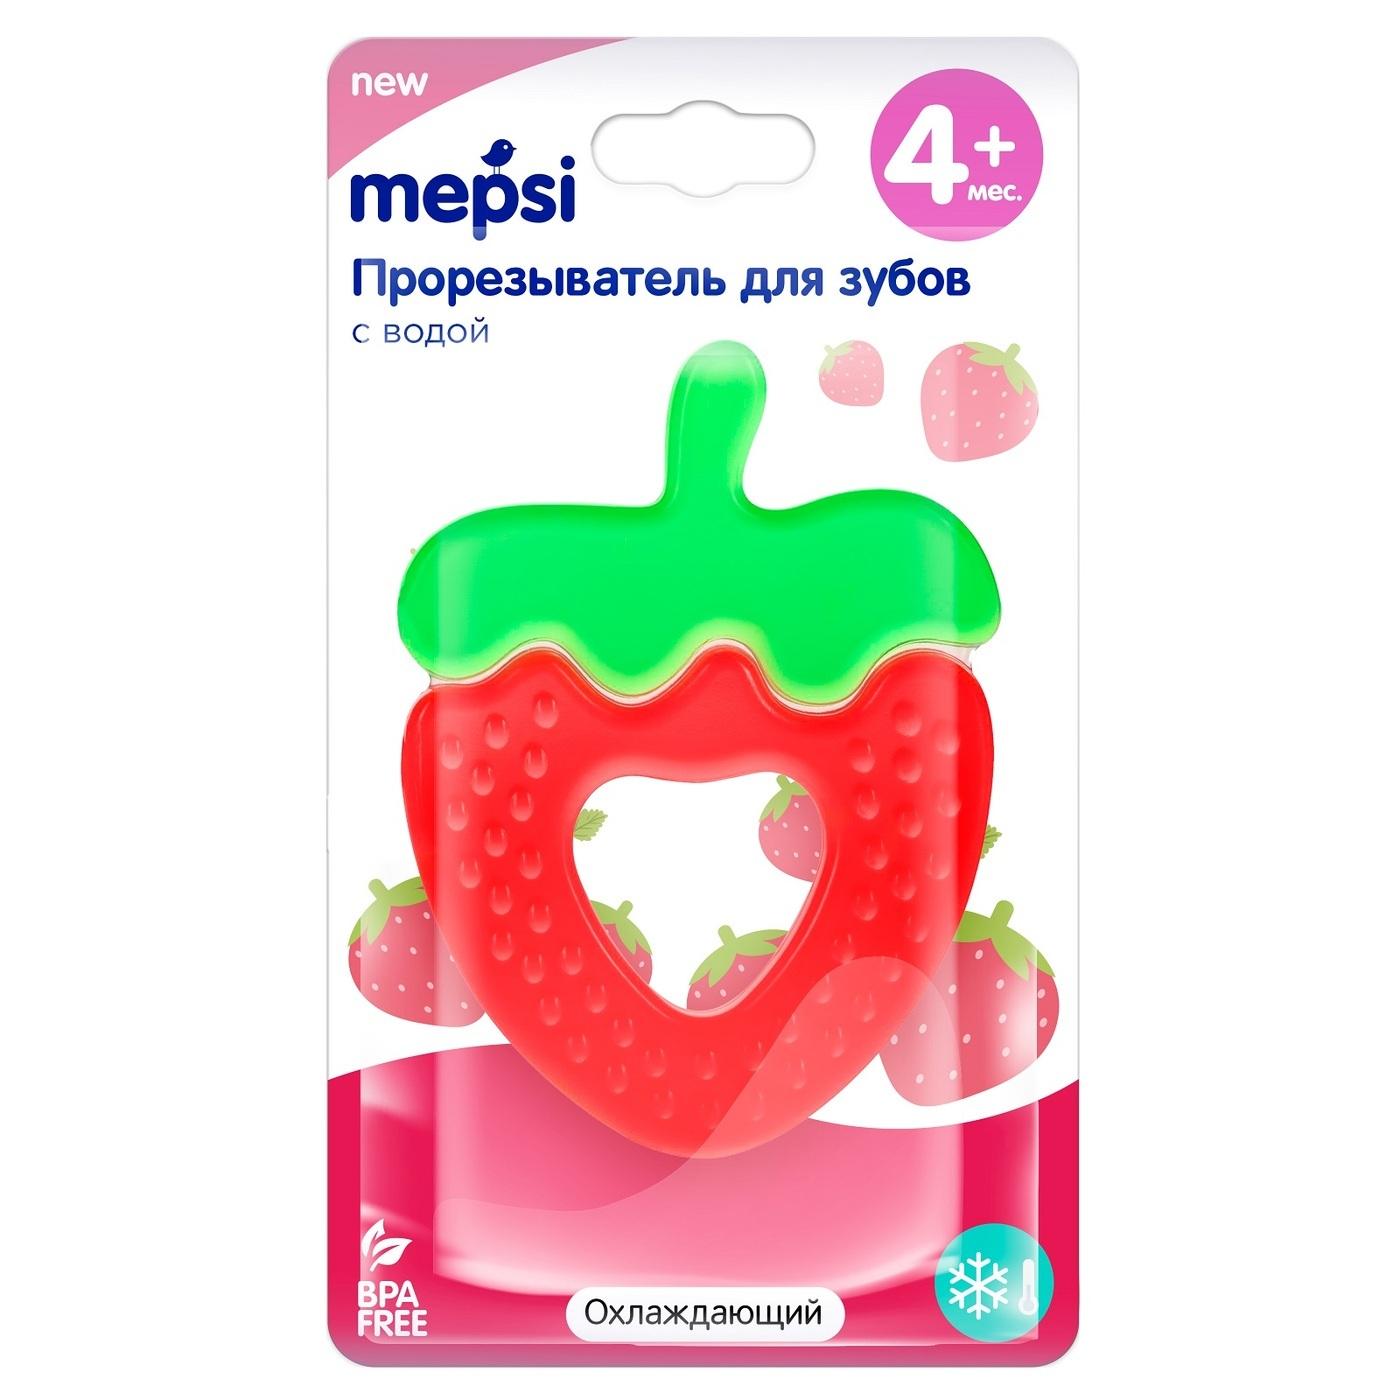 Mepsi - Прорезыватель с водой охлаждающий 4+ мес. (клубника)